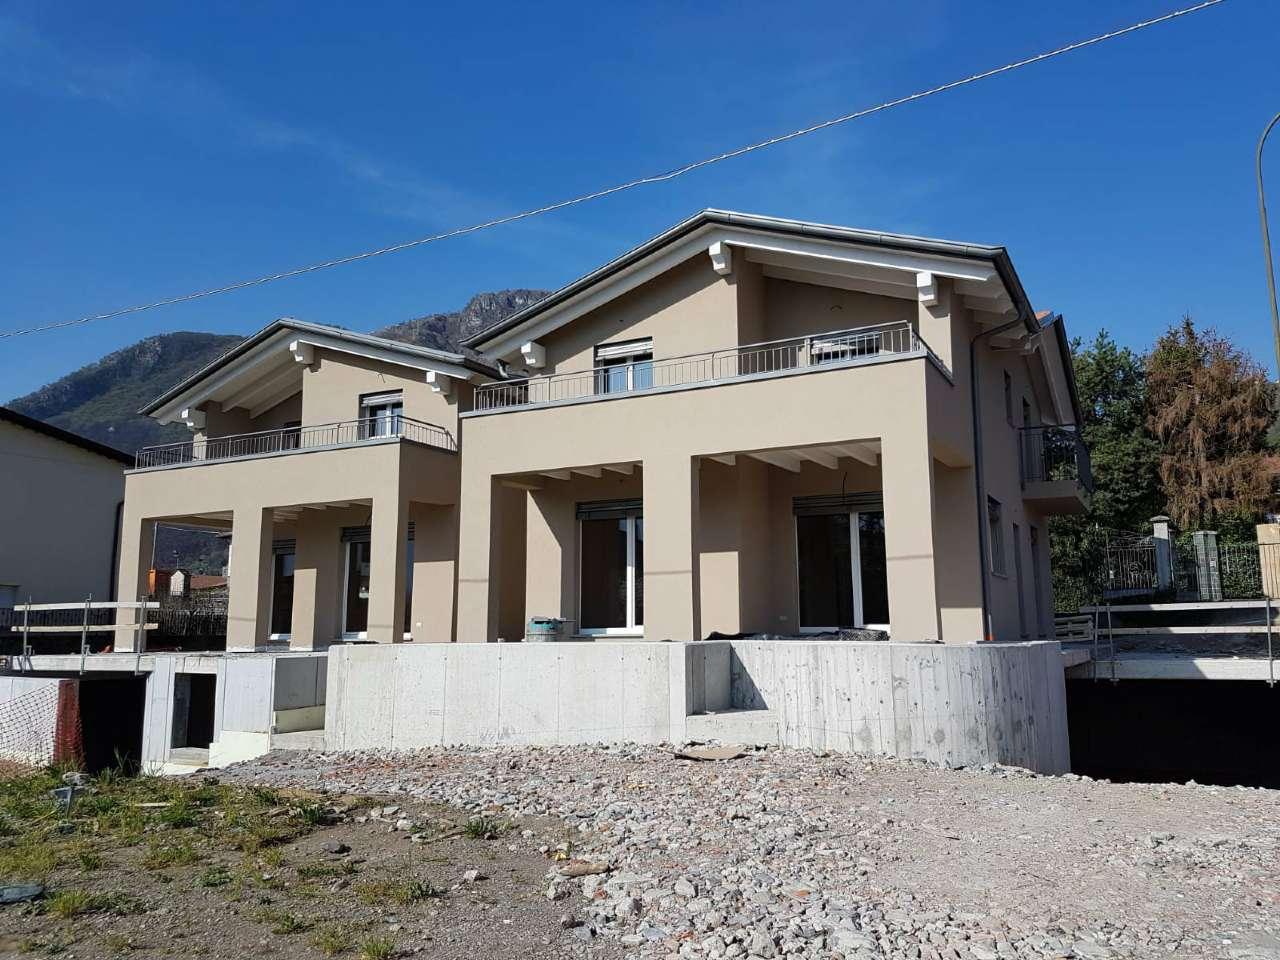 Villa in vendita a Dongo, 4 locali, prezzo € 533.000 | PortaleAgenzieImmobiliari.it